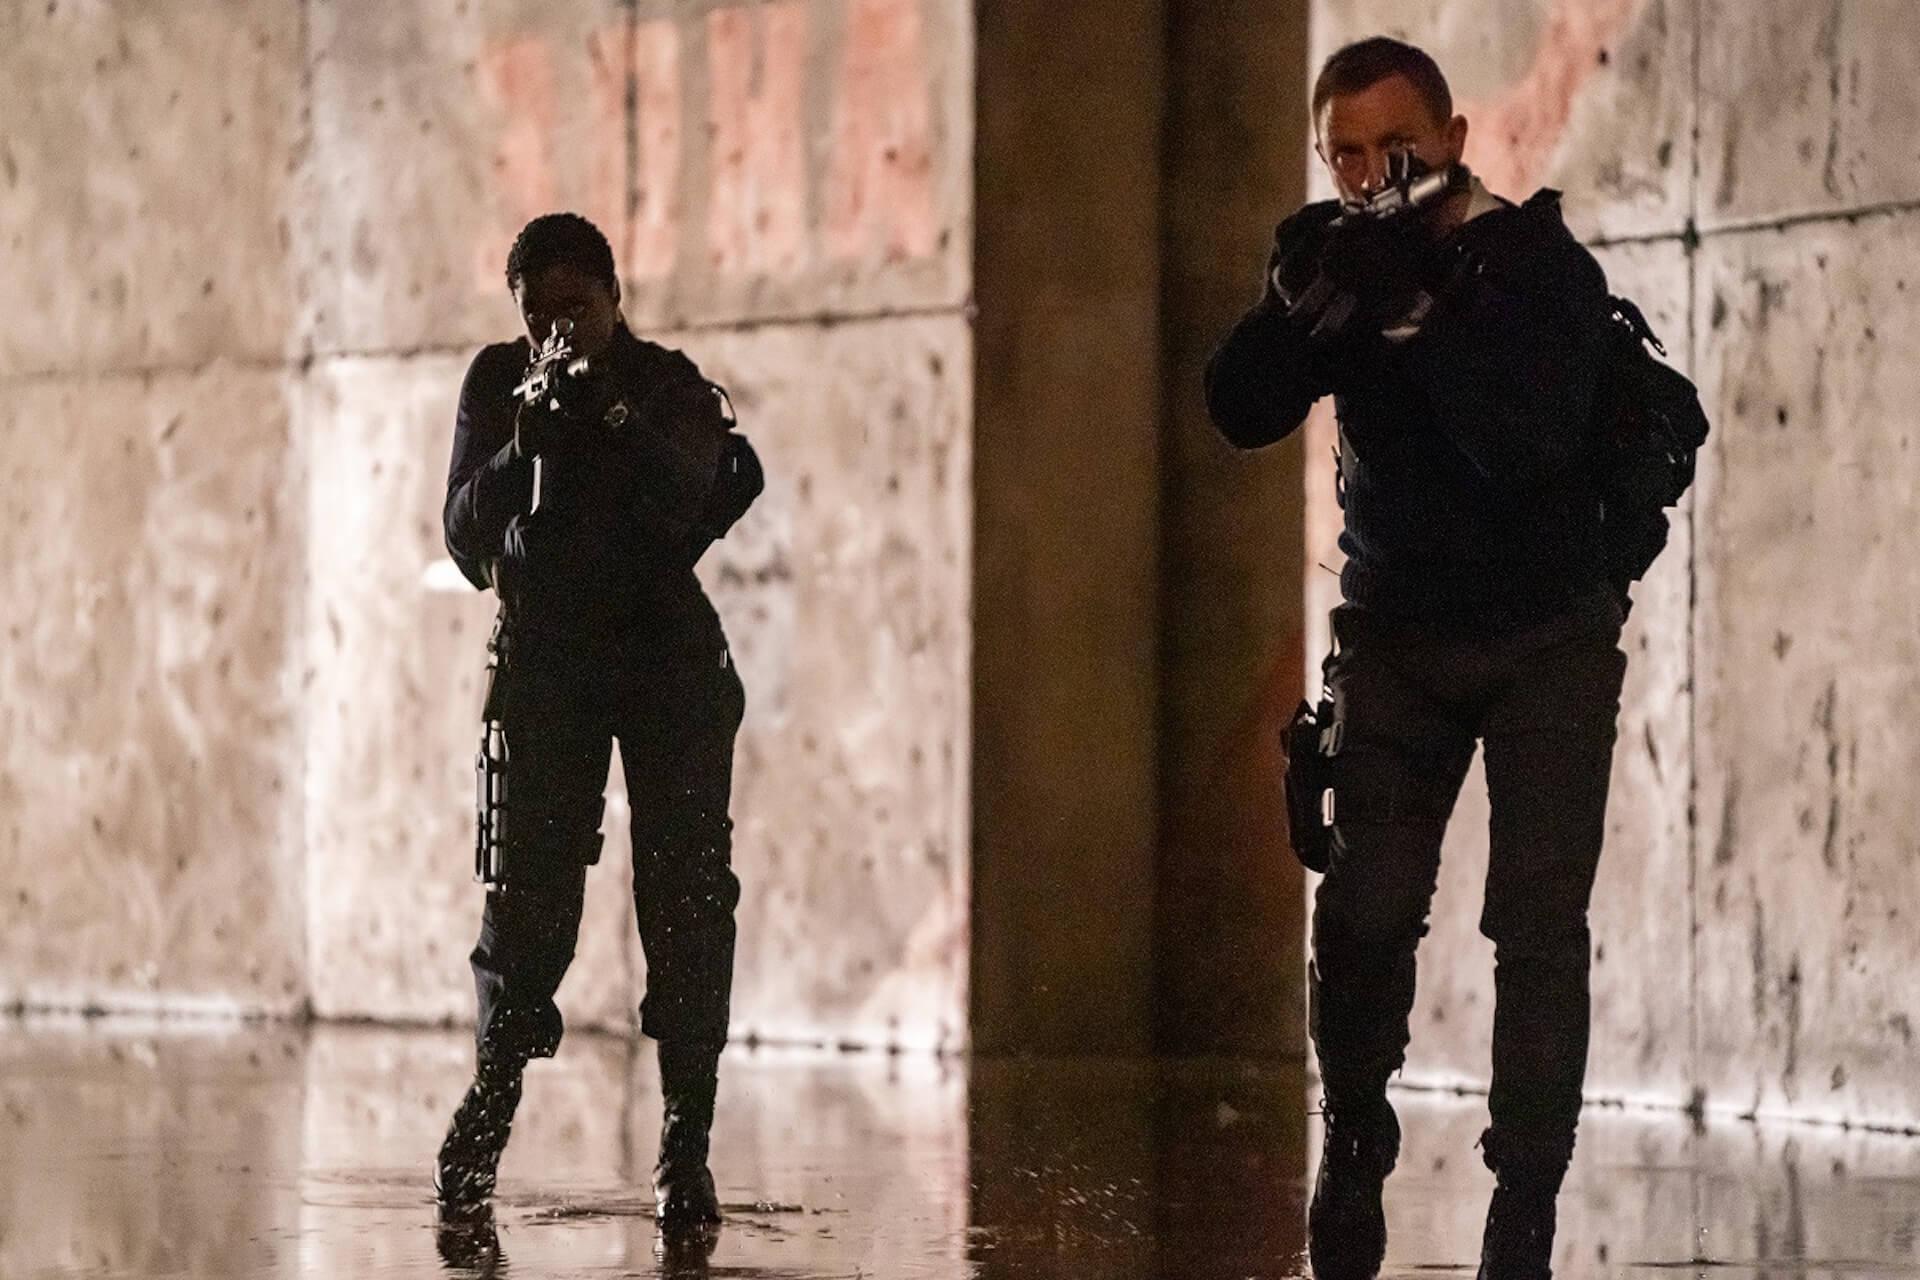 ついにジェームズ・ボンドが帰ってくる!『007/ノー・タイム・トゥ・ダイ』の新予告&日本版ポスタービジュアル解禁 film200918_007_6